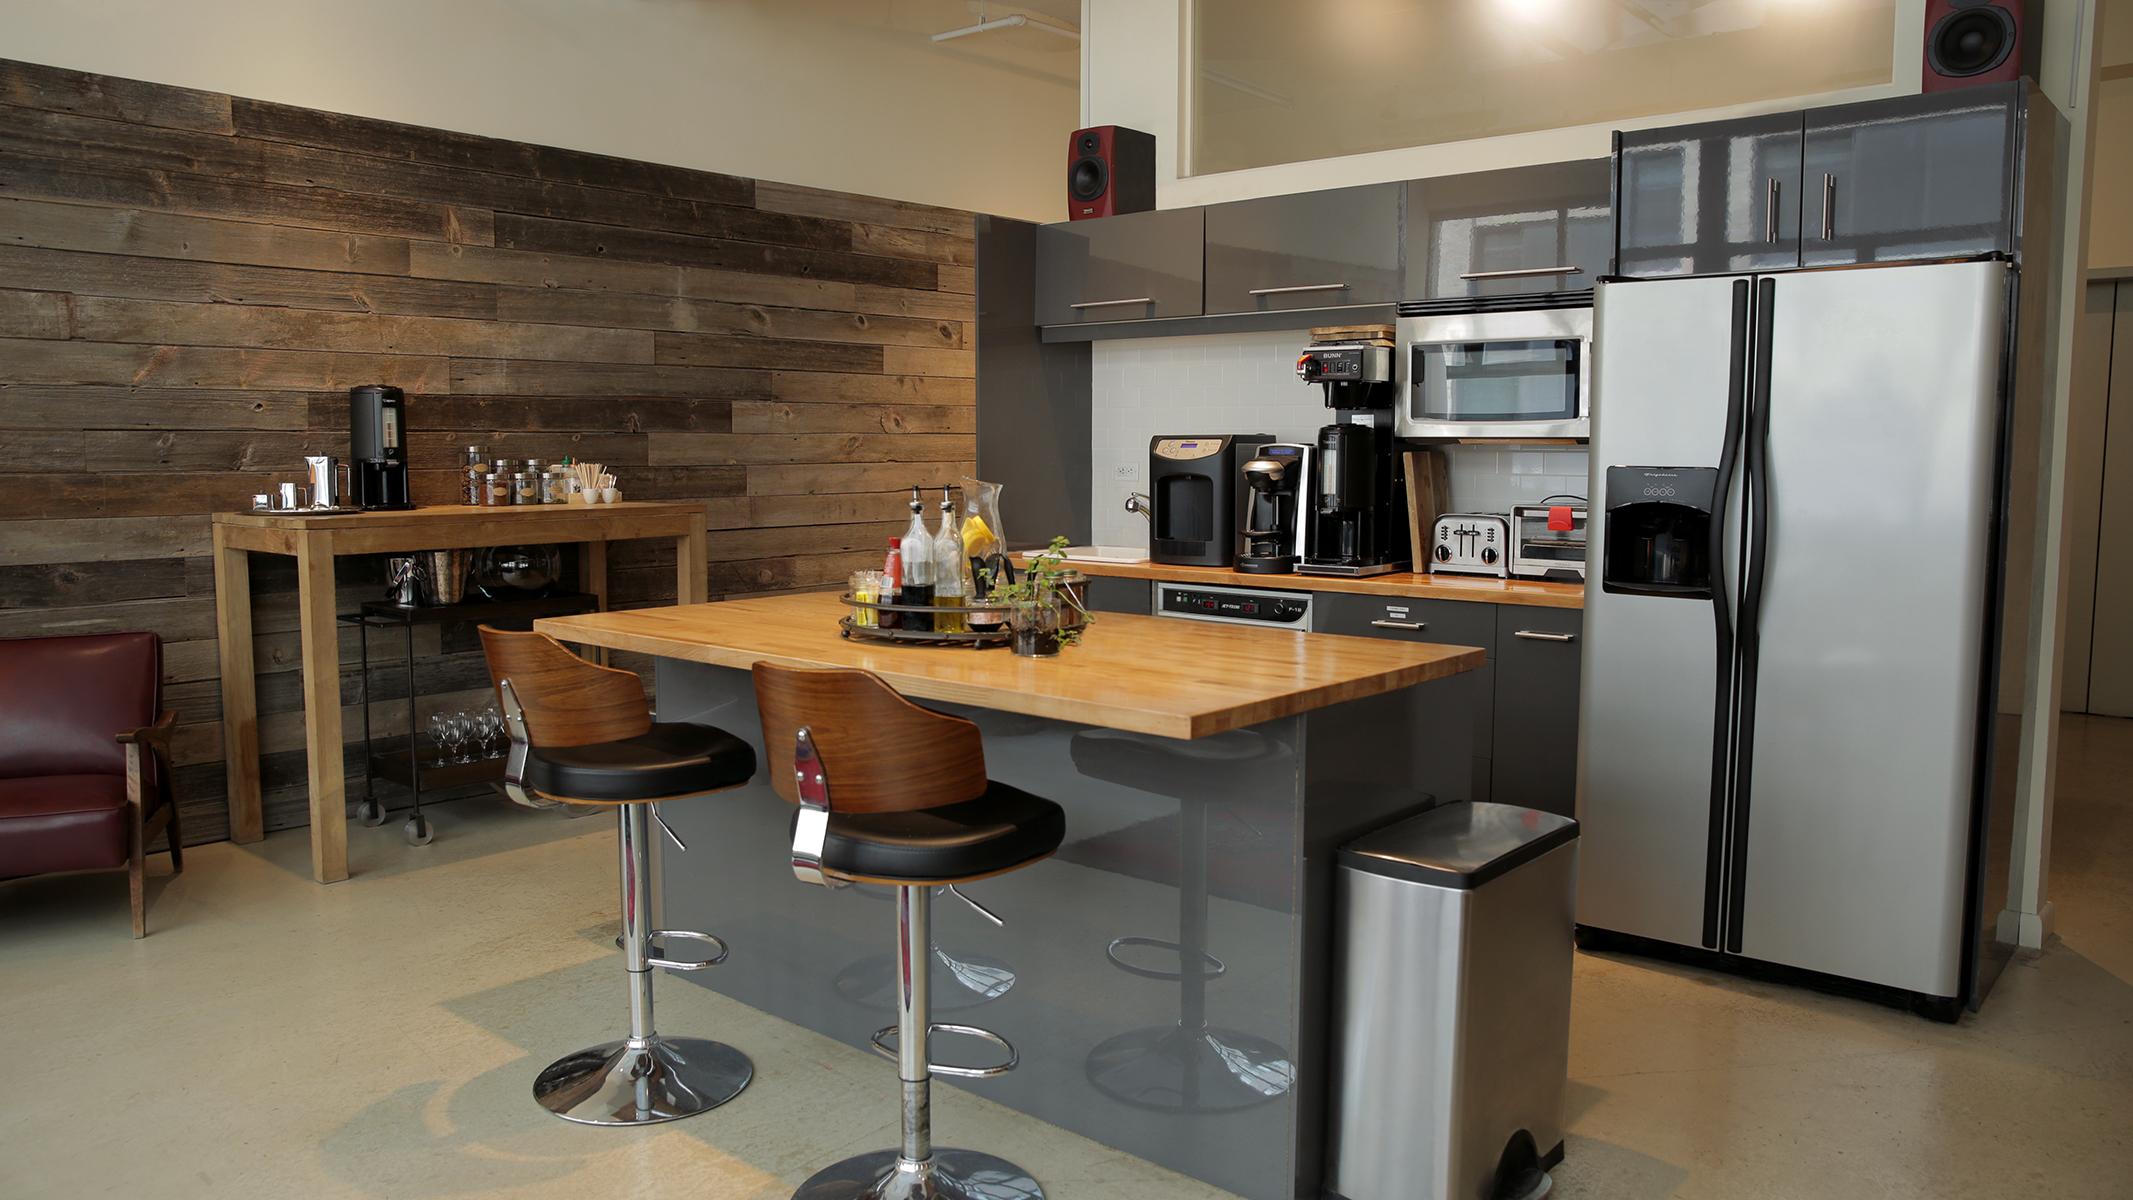 CR_A0668_kitchen_16x9_2133x1200.jpg